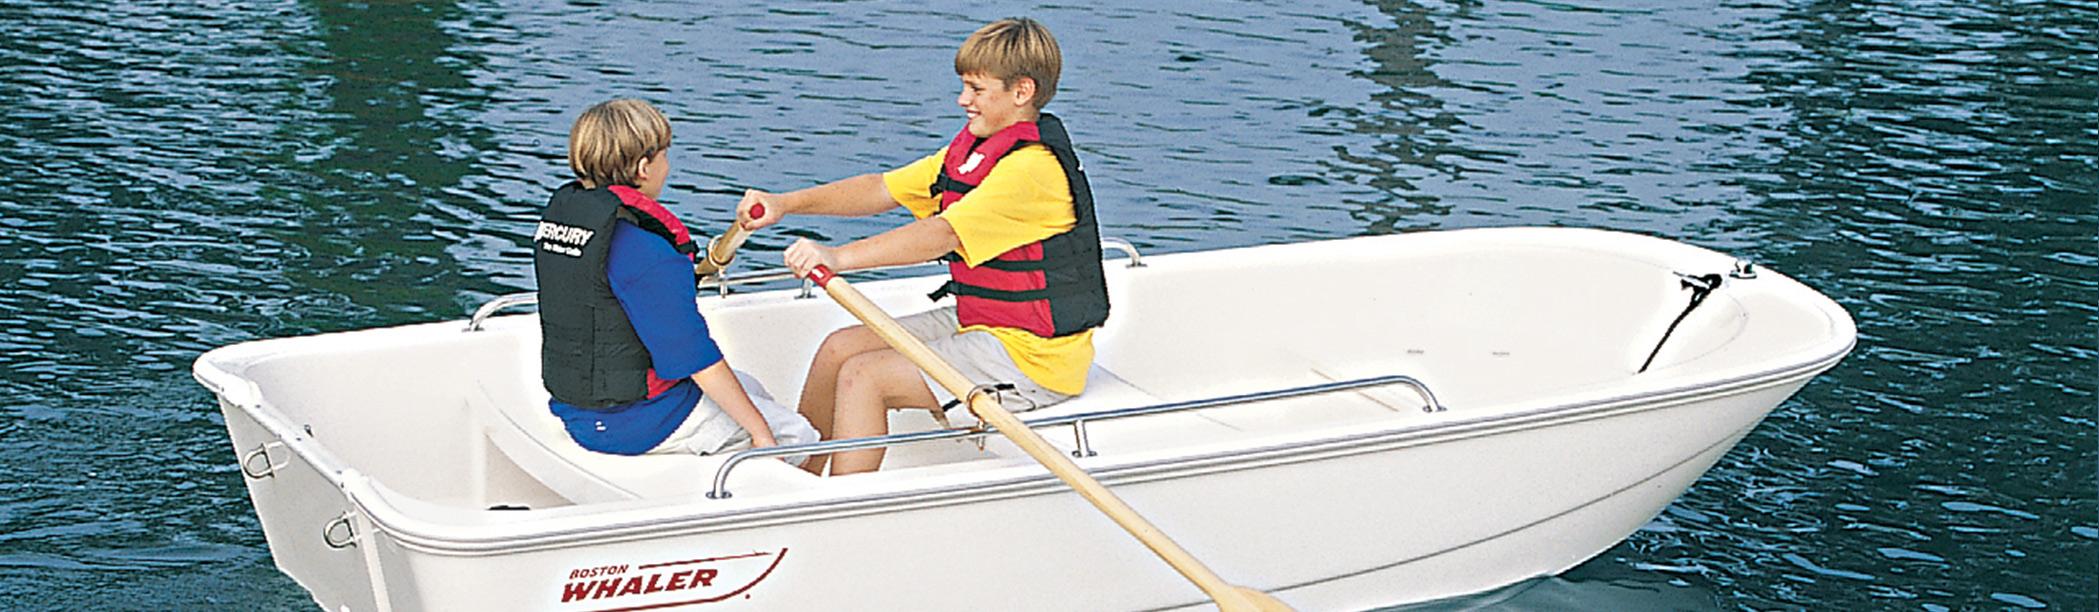 Boston-Whaler-110-Tender-Gallery_Header.jpg